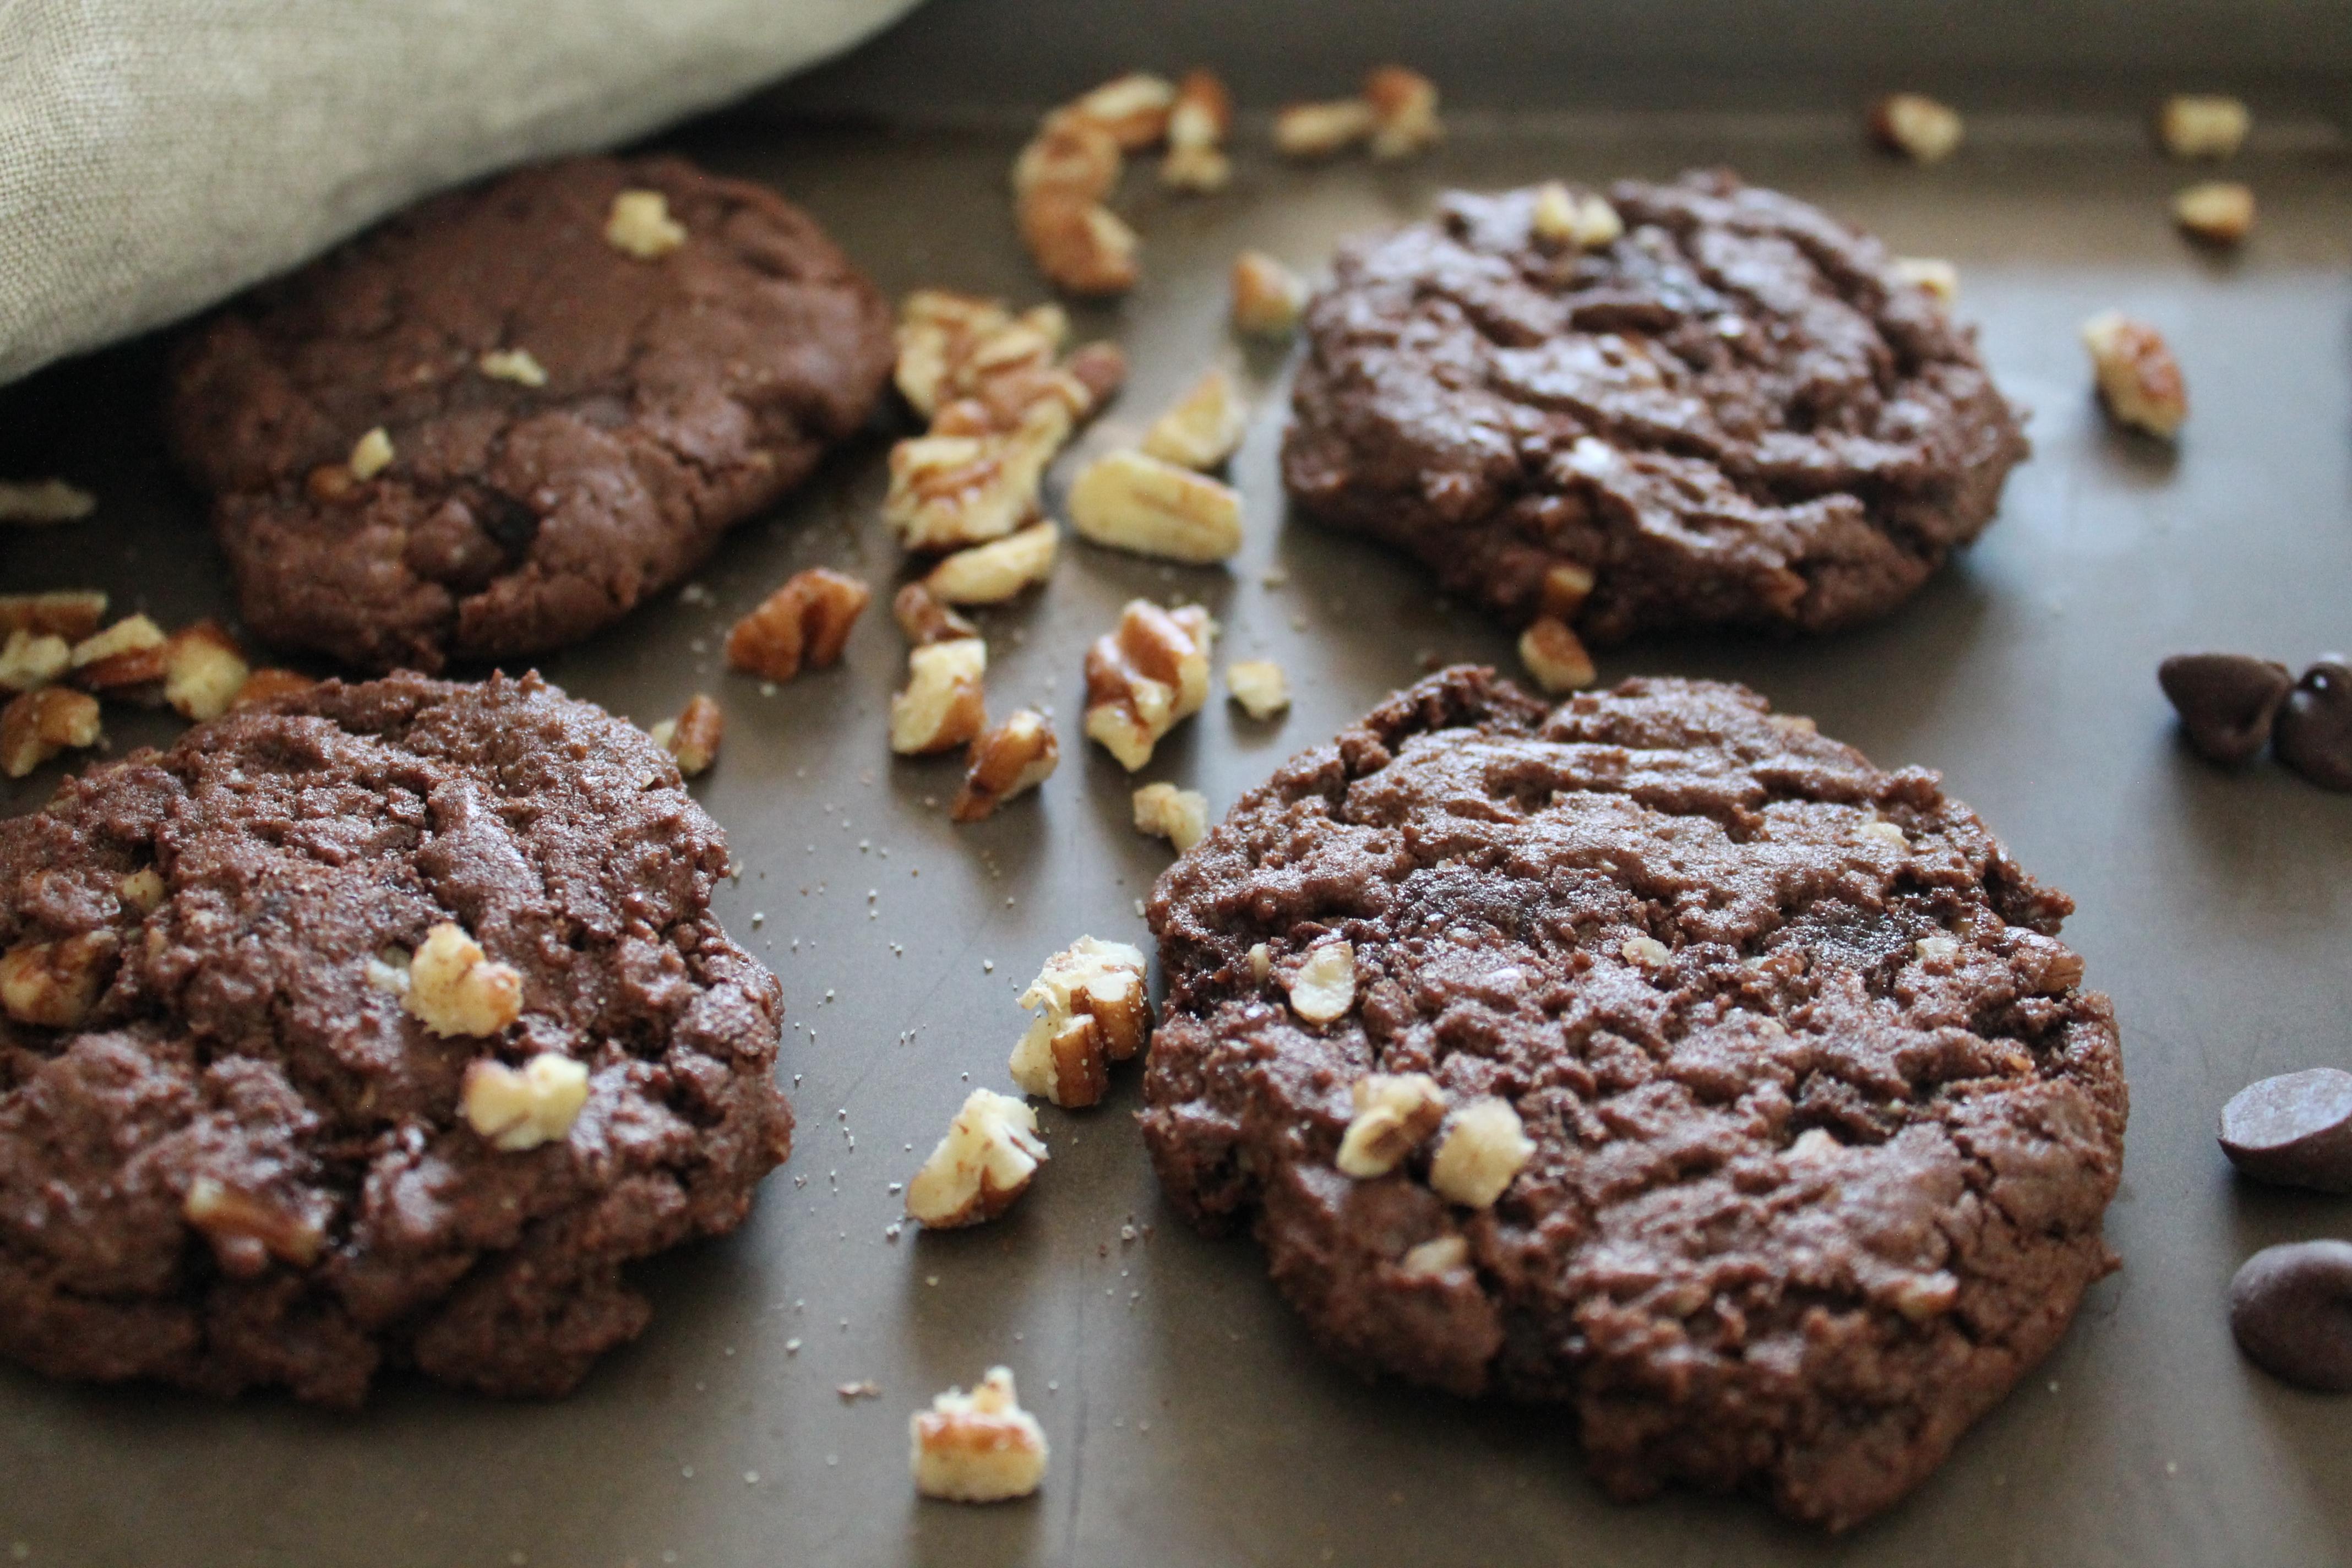 Indulgent cookies